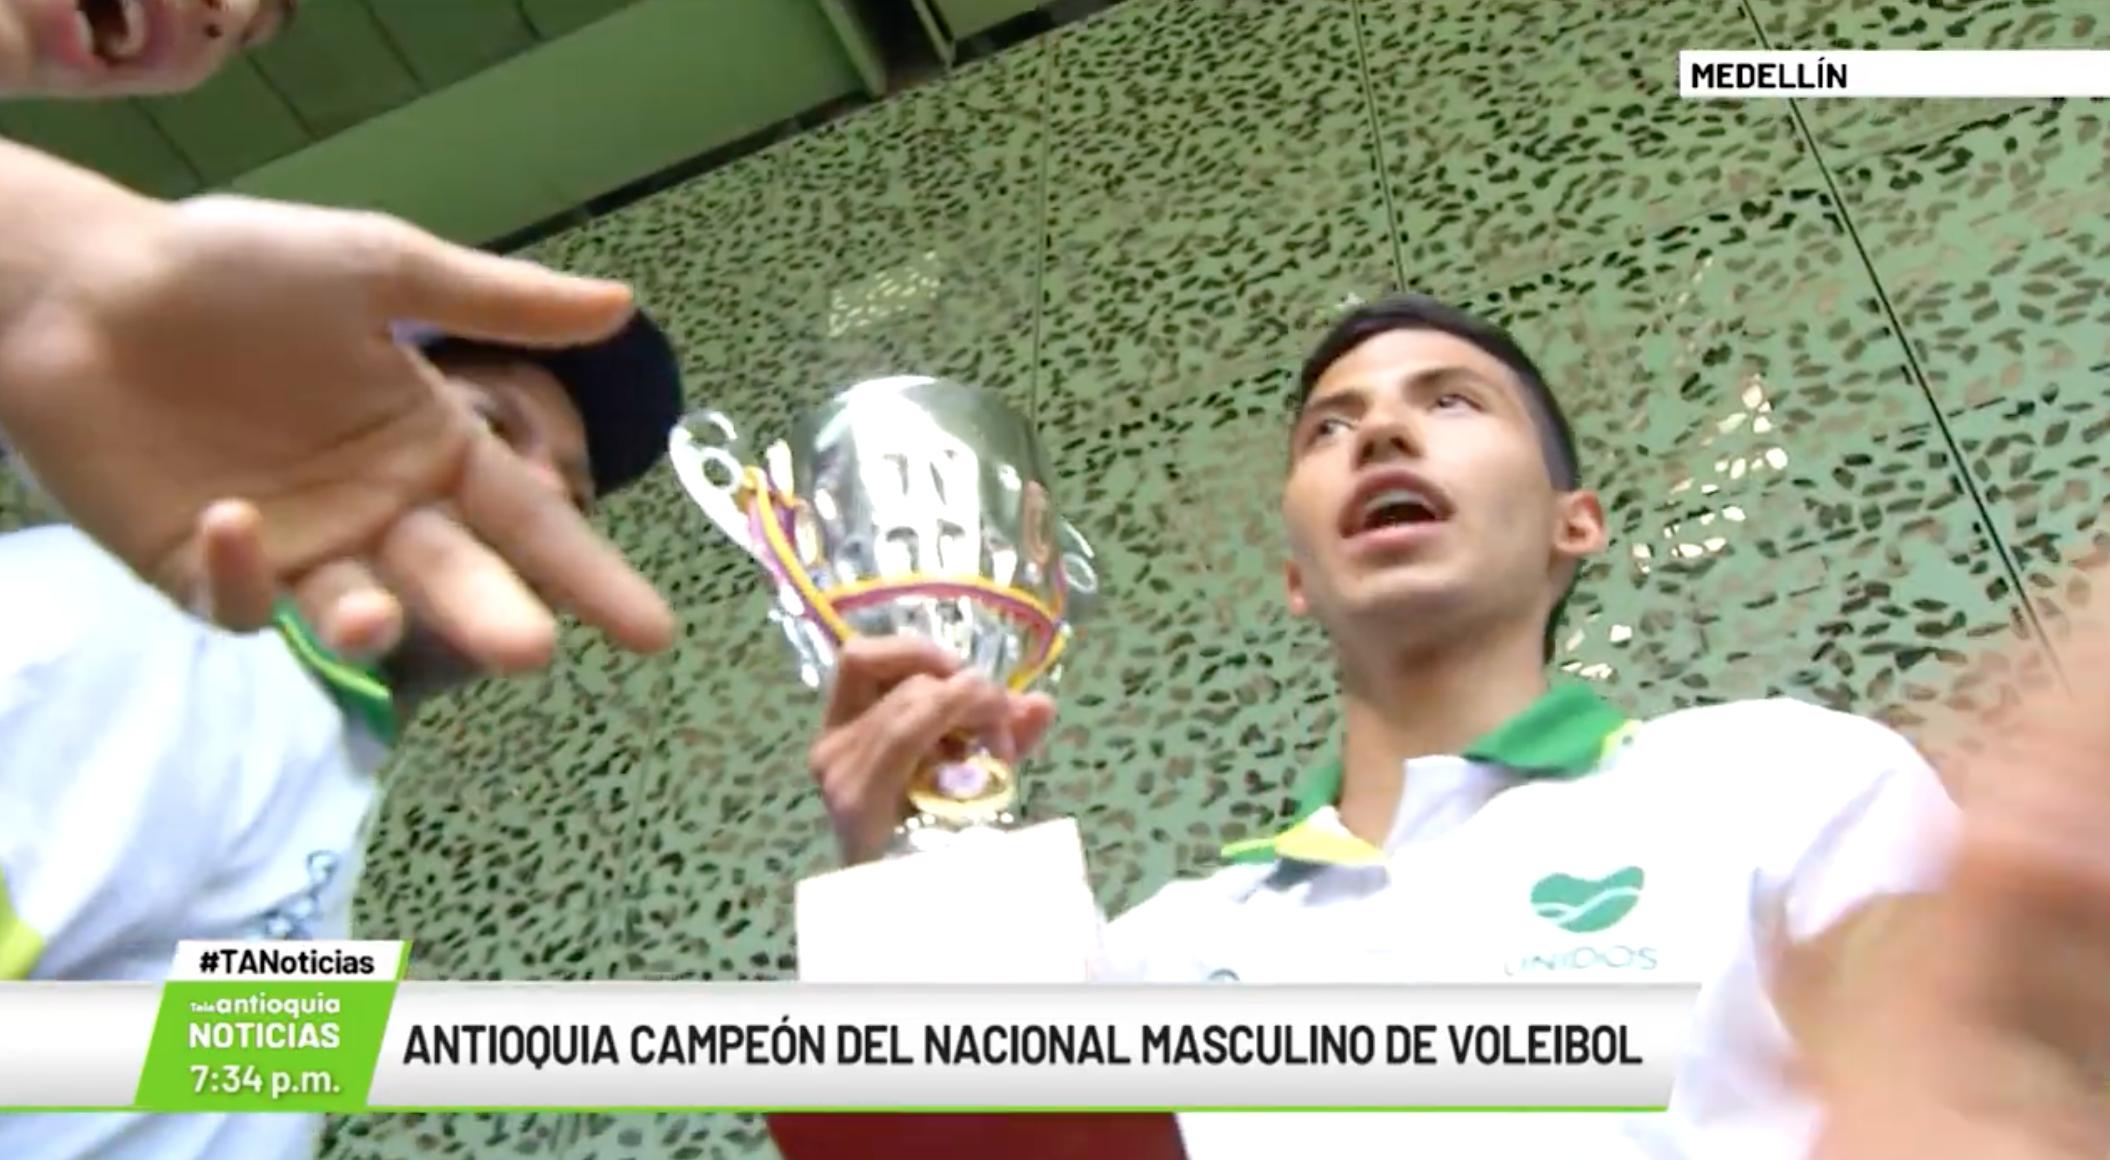 Antioquia campeón del nacional masculino de voleibol